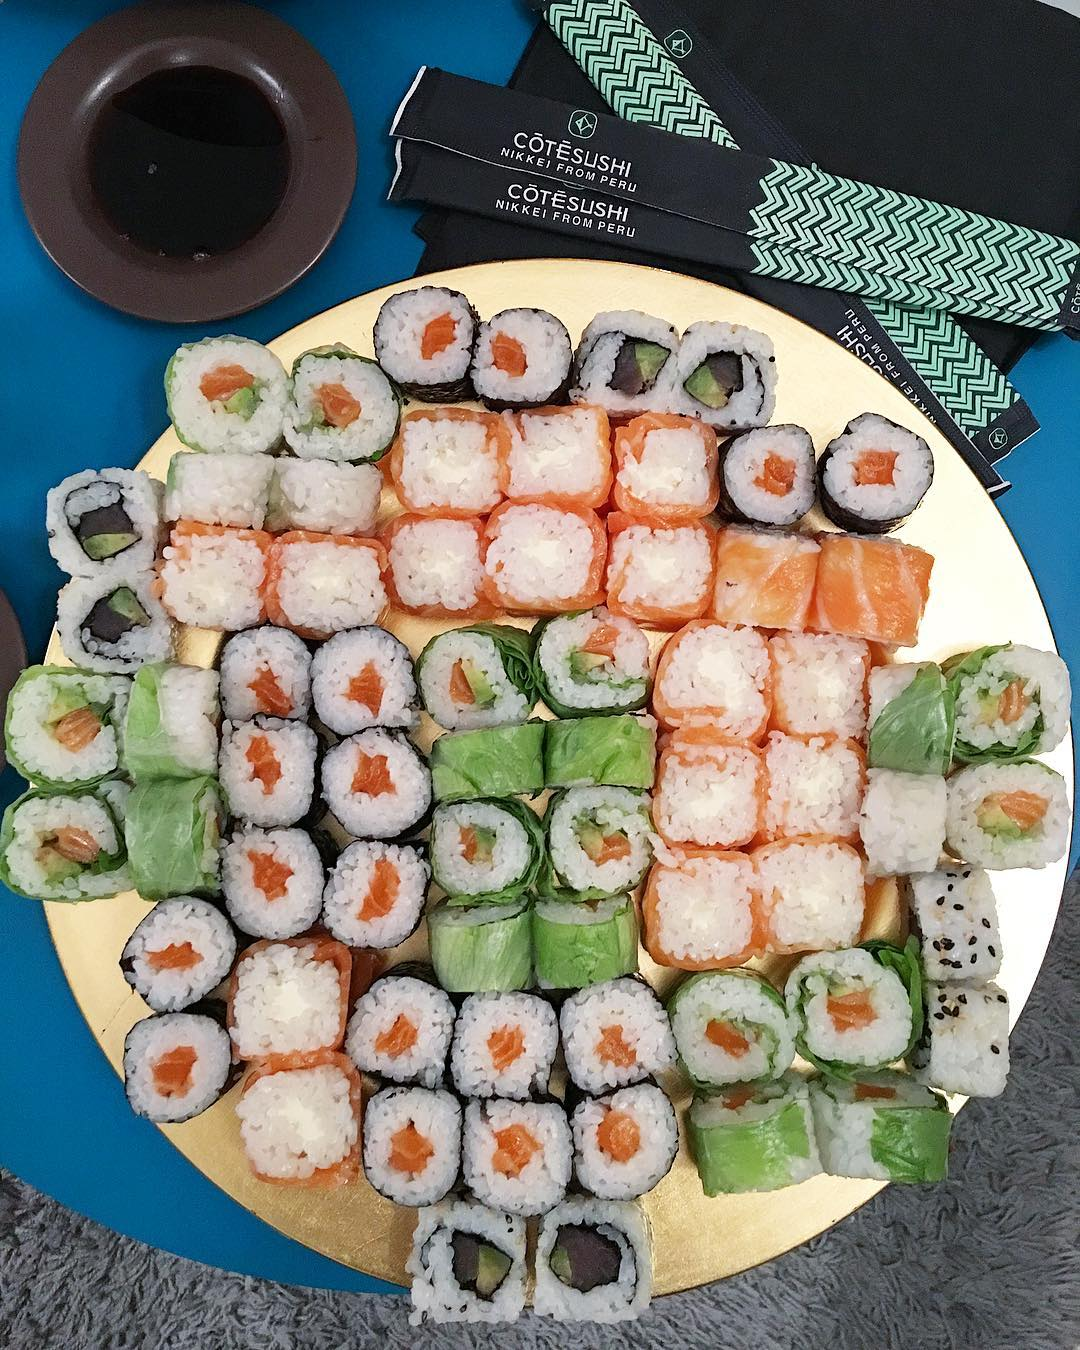 Sushis = faux amis dans ton alimentation ! Mais un très bon cheat meal ???❤️? . . « Ah bon, pourtant… ce n'est que du riz, du poisson, des algues et des  légumes » Non non non !!! Trop salé et trop sucré ! C'est la préparation du riz qui le rend si calorique. Et puis on ne va pas se mentir on ne mange pas que 6 makis ! Donc un bon stock de riz dans tes fesses, sachant que pour 100g de riz = 1 cuillère de sucre ! Sauce soja, sauce sucré, … bombe calorique ! .  Dix pièces de sushis dépassent la barre des 800 calories tandis qu'un Big Mac et sa petite frite n'atteignent pas les 700 calories ! BORDEL ! .  Tout n'est qu'escroquerie ! Addiction aux sucres = addictions aux sushis ! La mort pour moi ! Finito les sushis ! Vive les ceviches, les tartares, les sashimis et la salade d'algue pour moi ! Merci @cotesushi_france de penser à mes fesses et de diversifier vos menus ;) #teamBouboule . . . ?  #defiSport 3 mois avec @lenuagemtp ☁️ ? objectifs : -6kg et tonique bordel ! . . ??♀️ Tu peux tout suivre sur : #PintadeSport & #NoPainNoSaucisson  ________________ #montpellier #cotesushi #cotesushimontpellier #restaurant #food #foodlover #blogfood #foodblogger #bloggerfood #healthy #healthylife #sport #blogsport #workout #sushi #sashimi #cheatmeal #sushilovers